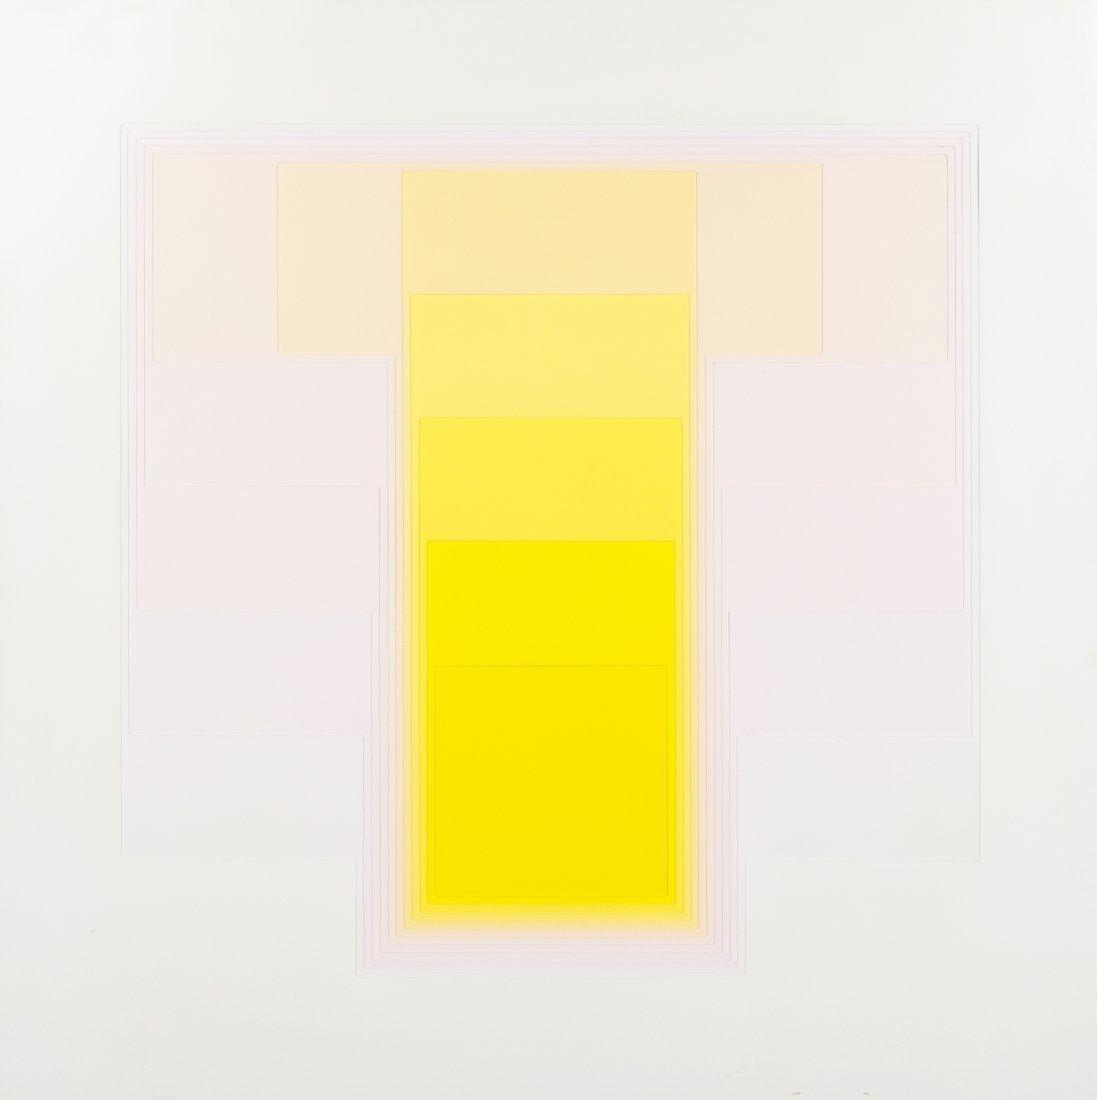 1010: Karl Gerstner, (Swiss, b. 1930), Color Sound 4 B,